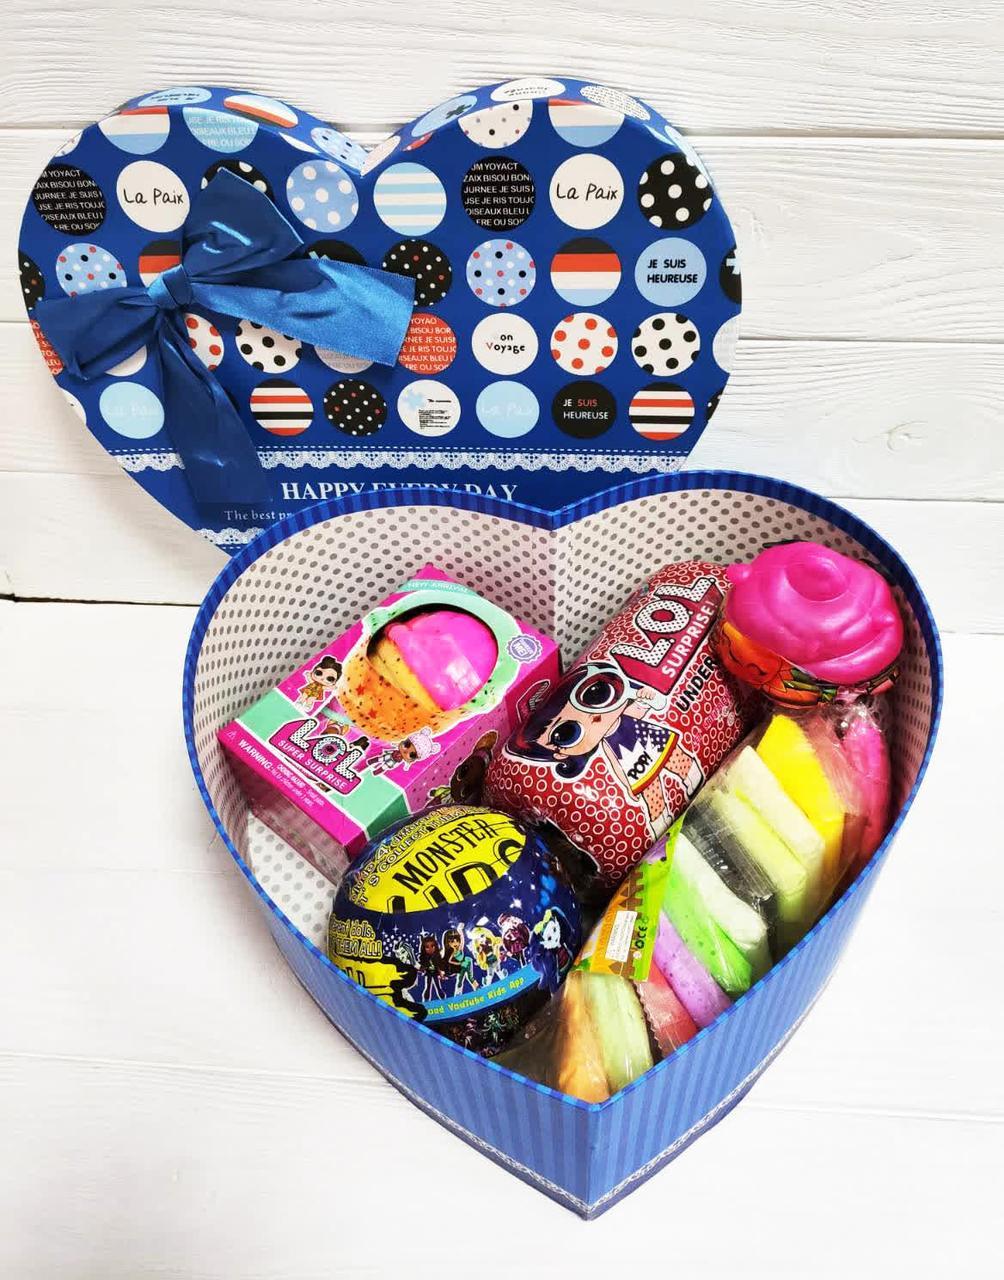 Подарочный набор к 8 Марта LOL Surprise, капсула, шар, слайм, единорог, воздушный пластилин!